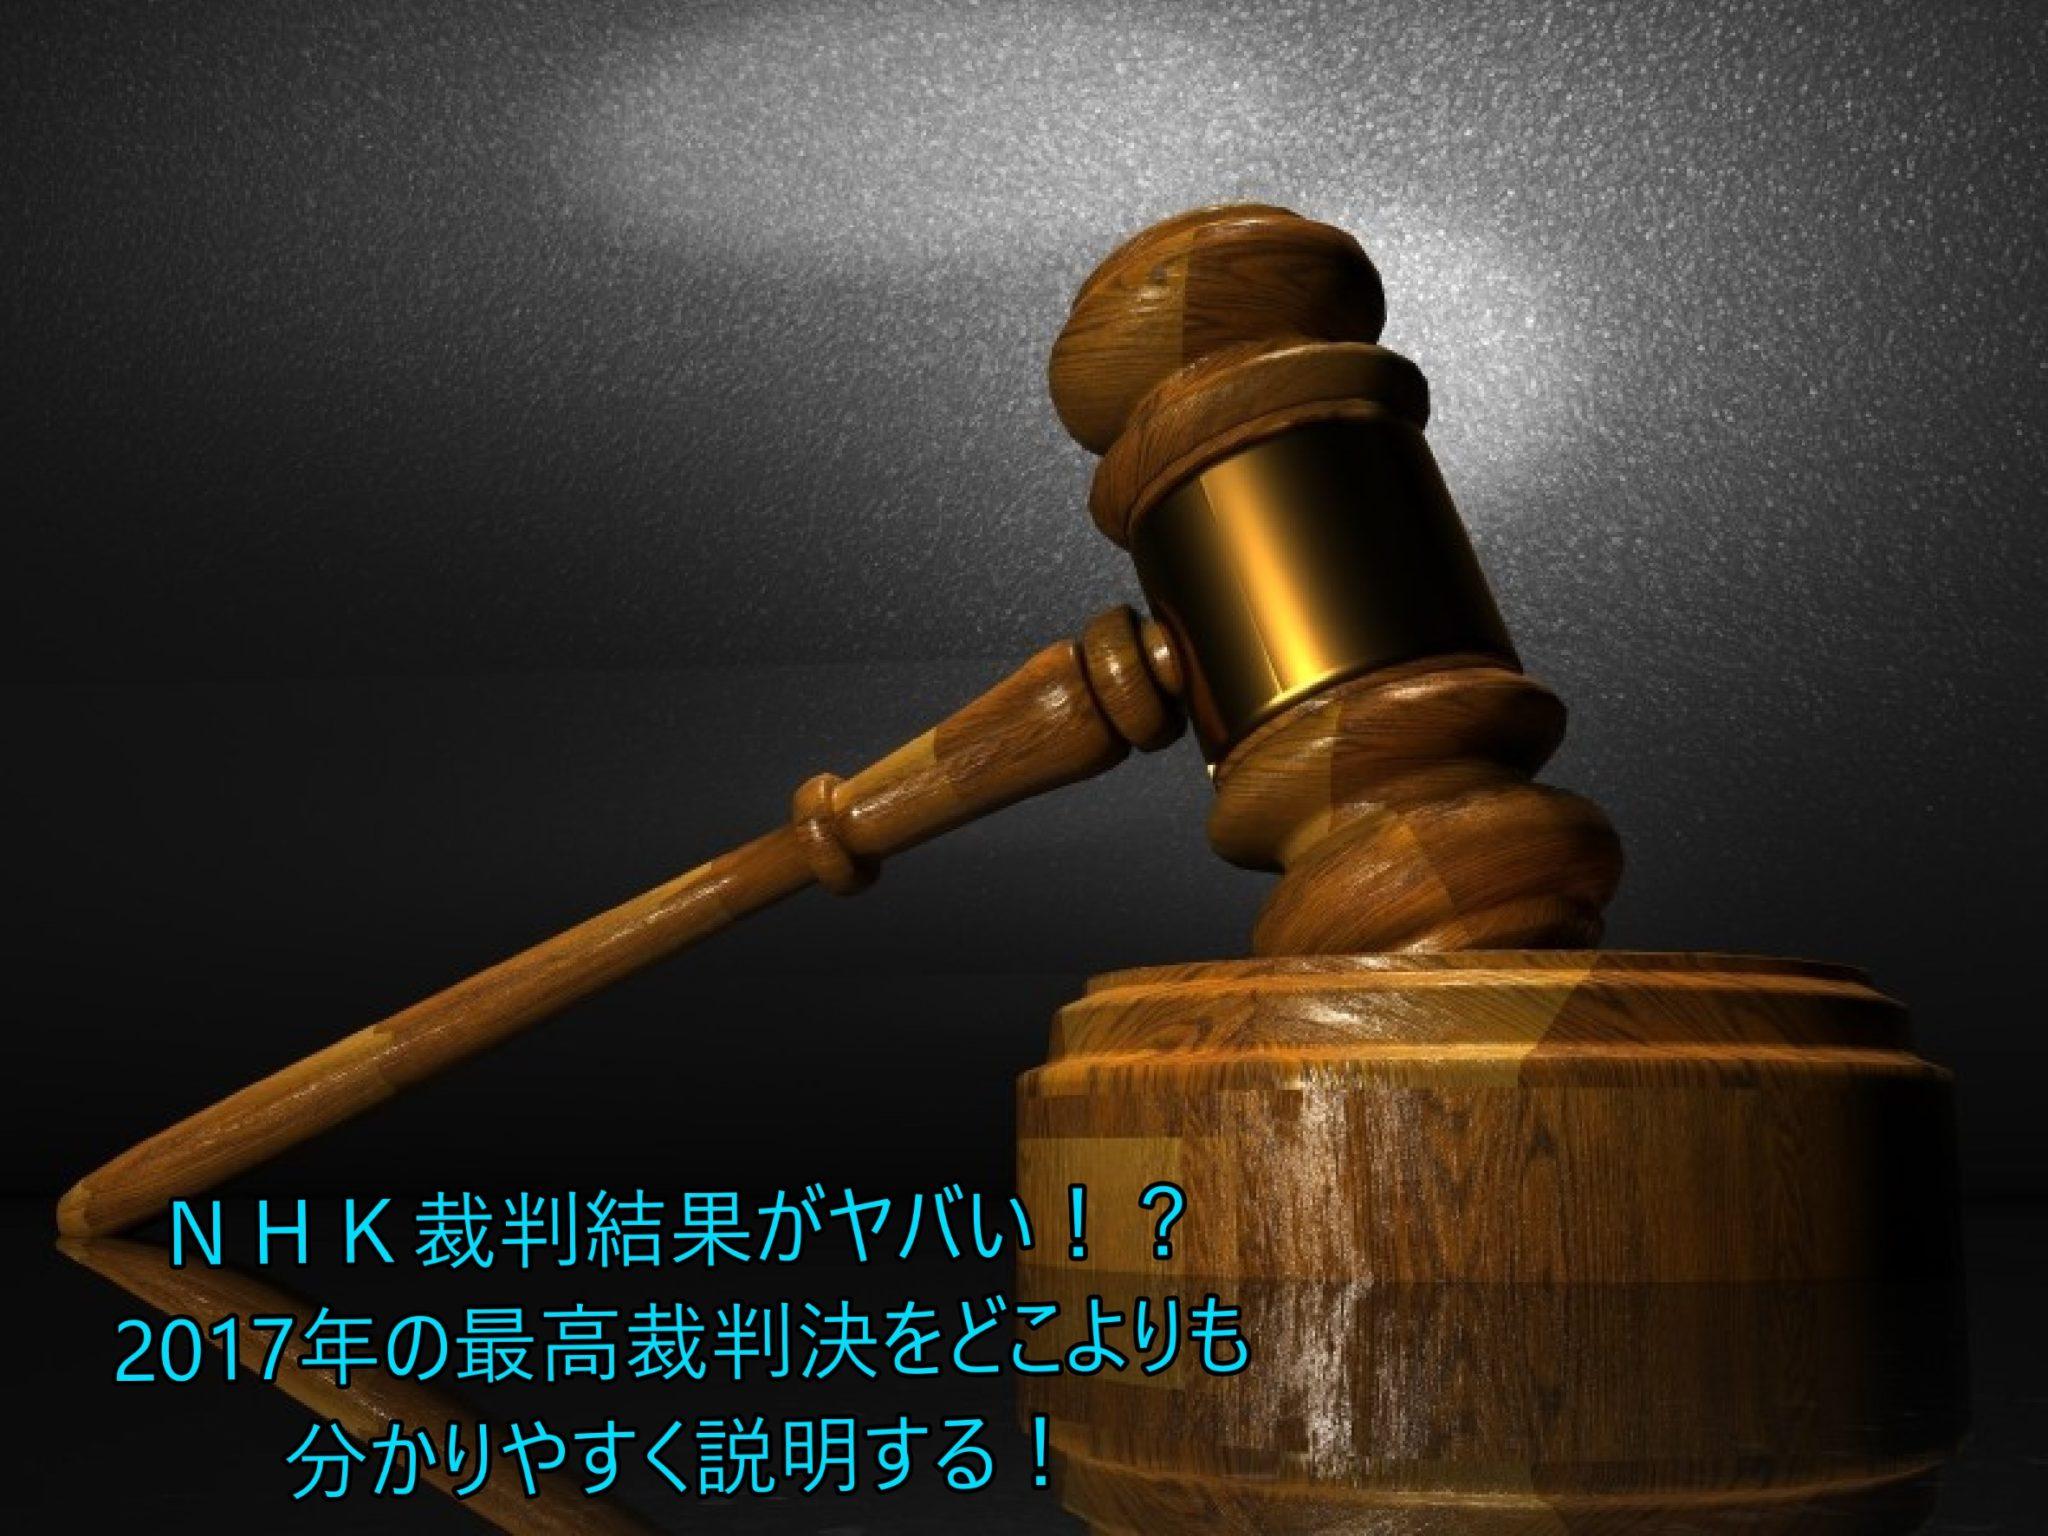 NHK裁判結果がヤバい!?2017年の最高裁判決をどこよりも分かりやすく説明する!